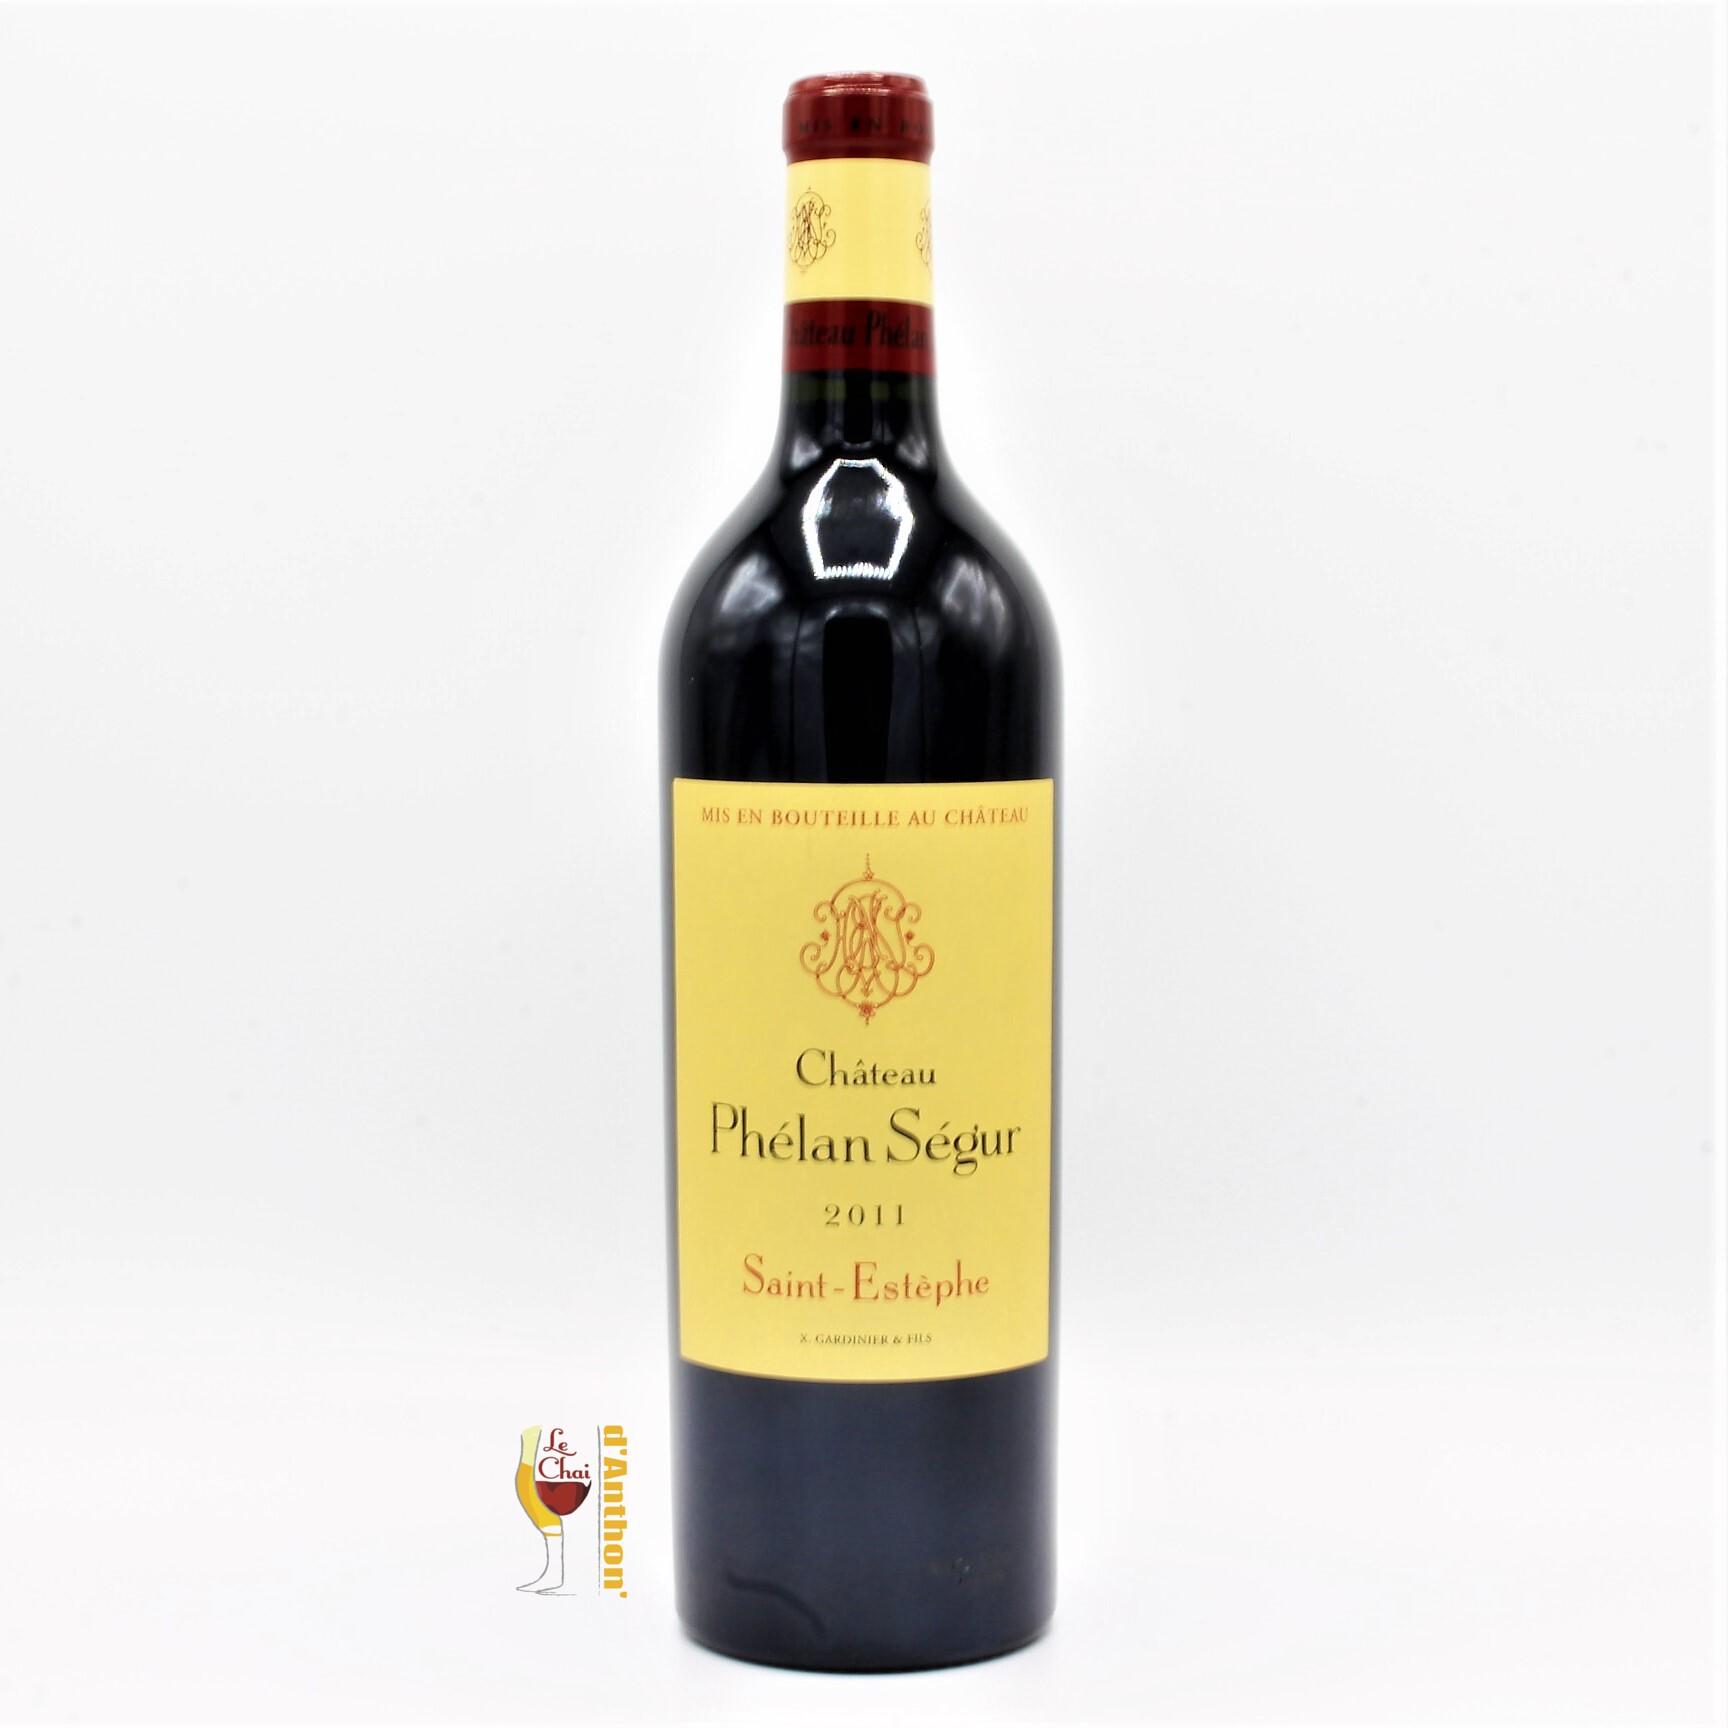 Vin Bouteille Rouge Bordeaux St Estephe Phelan Segur 2011 75cl